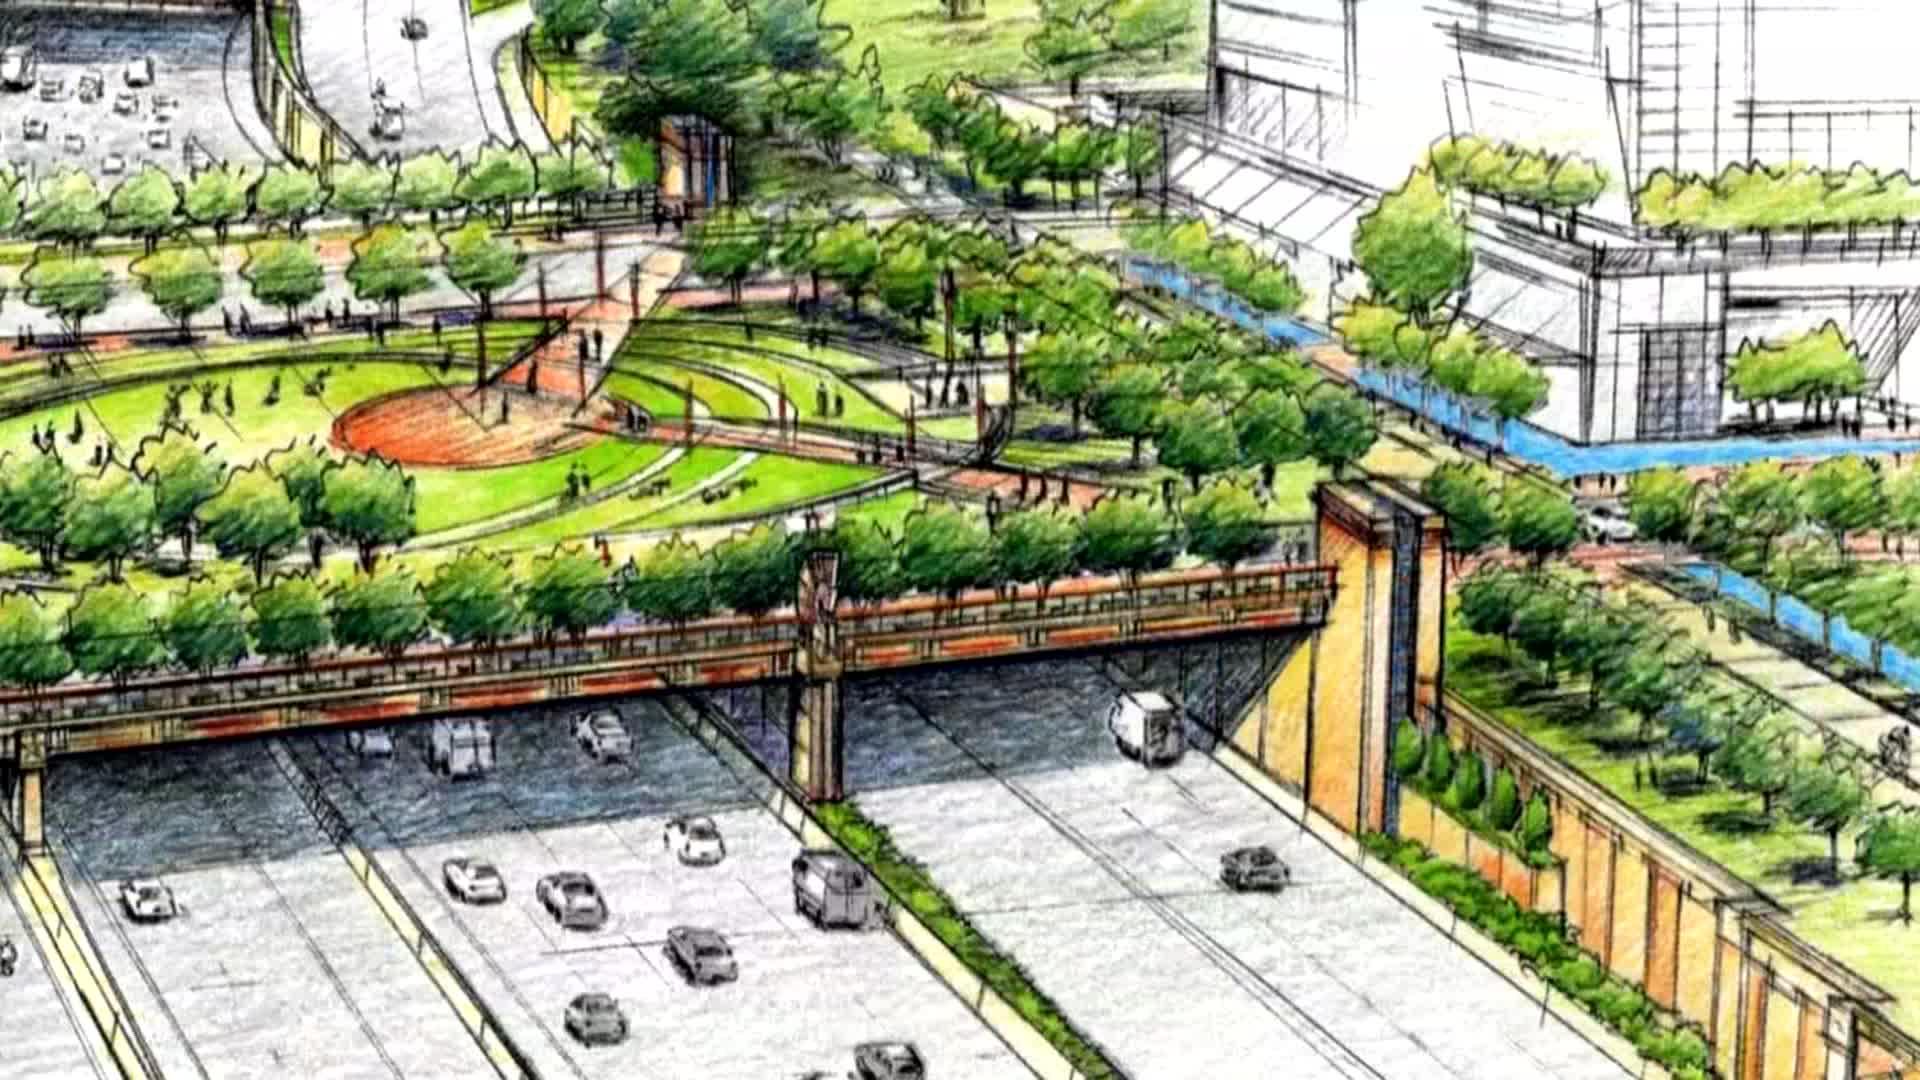 Council Accepts 40 Million To Build Deck Park Near Dallas